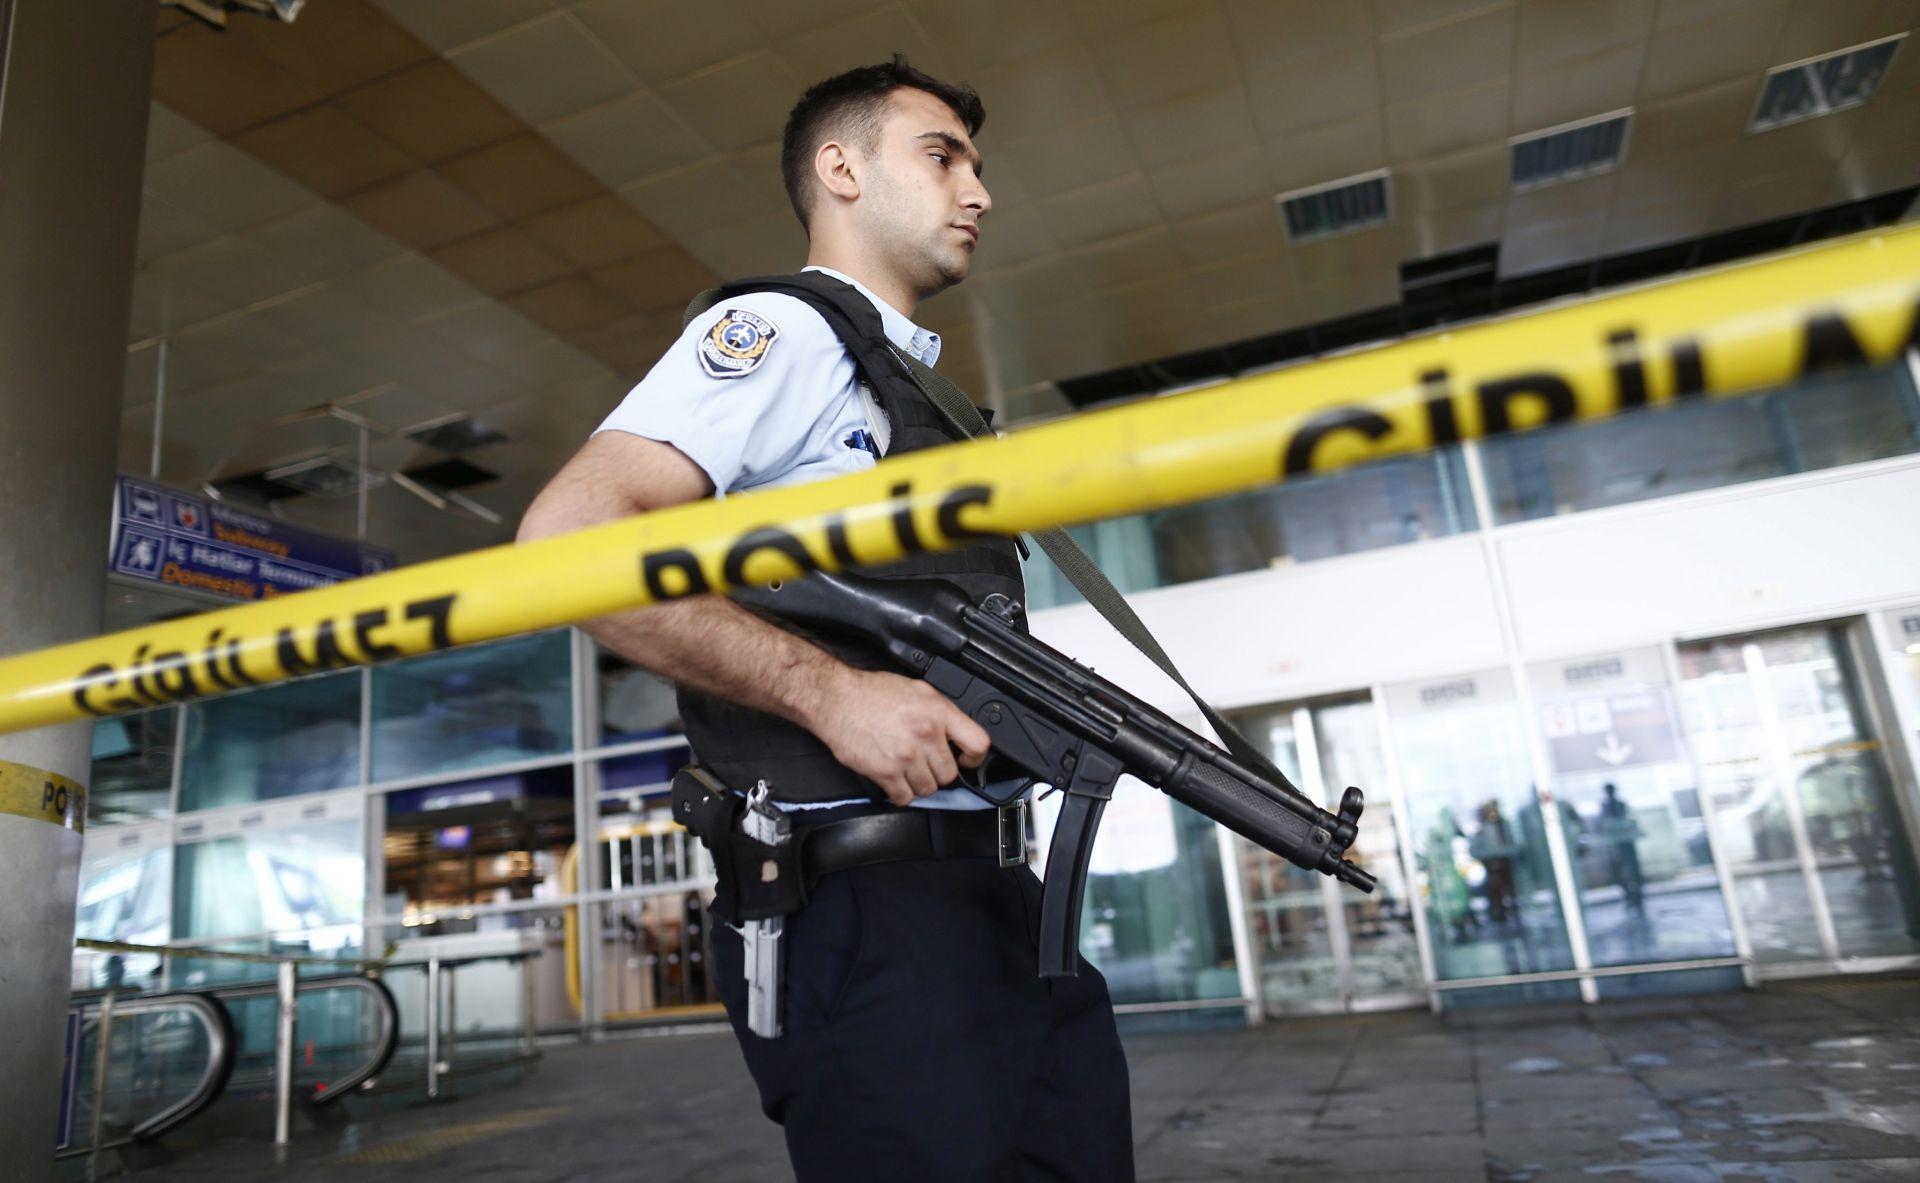 JOŠ SEDAM UHIĆENJA: Povezanost s napadom na zračnu luku u Istanbulu